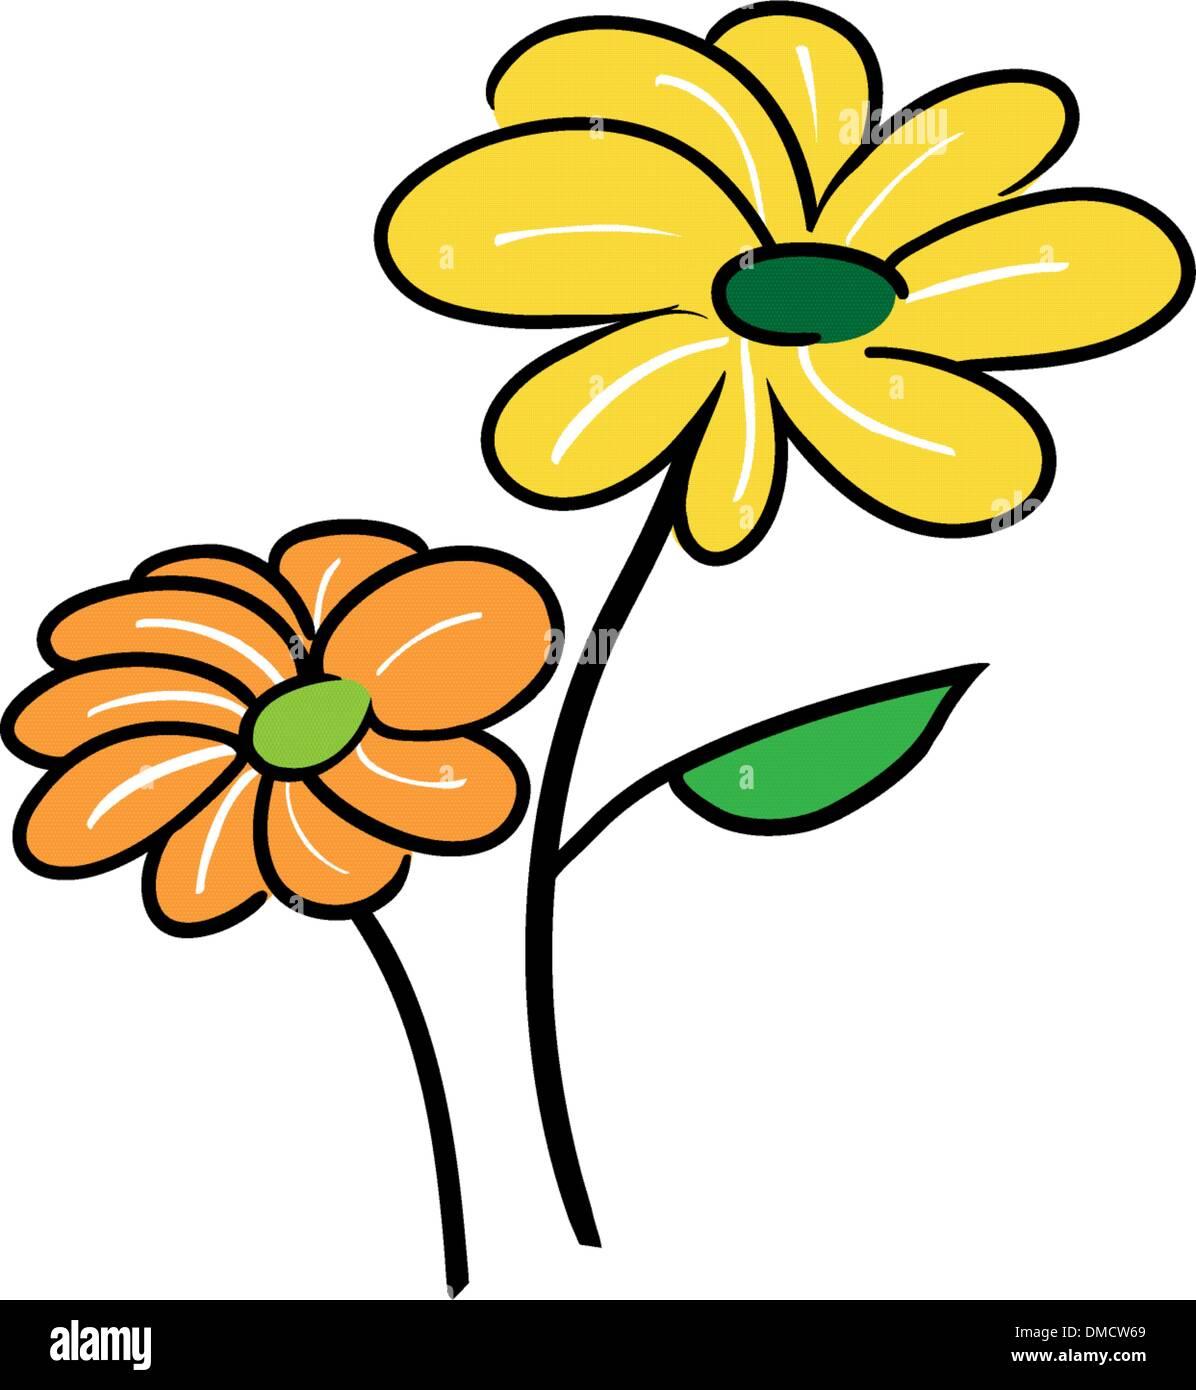 Two Cute Little Flower Falling in Love - Stock Image